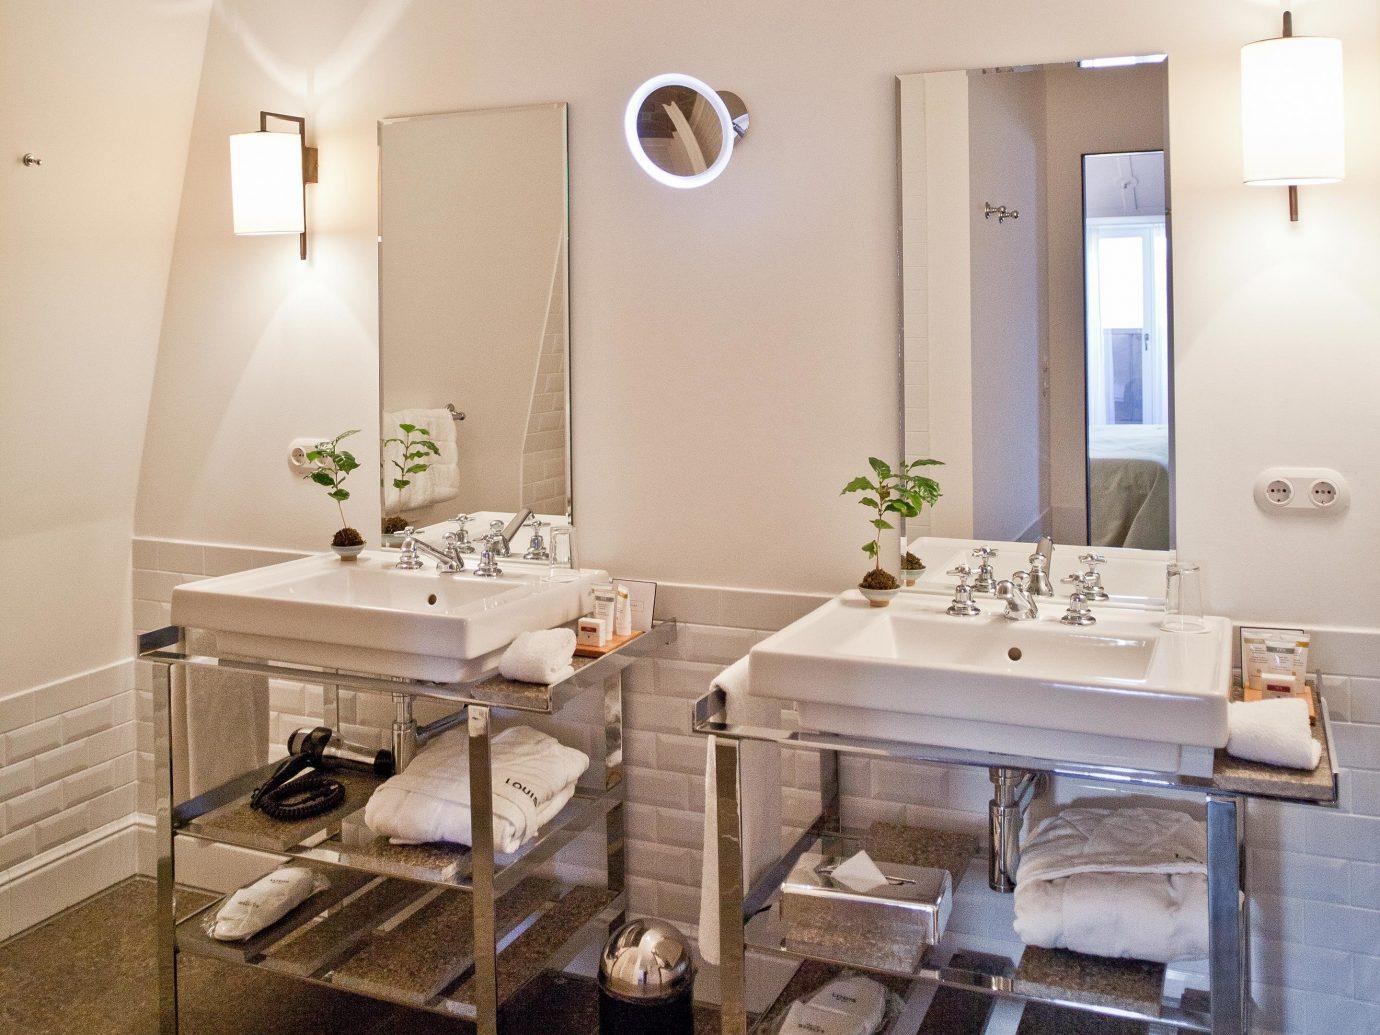 europe Germany Hotels Munich wall bathroom indoor room sink home interior design real estate tap plumbing fixture floor Suite